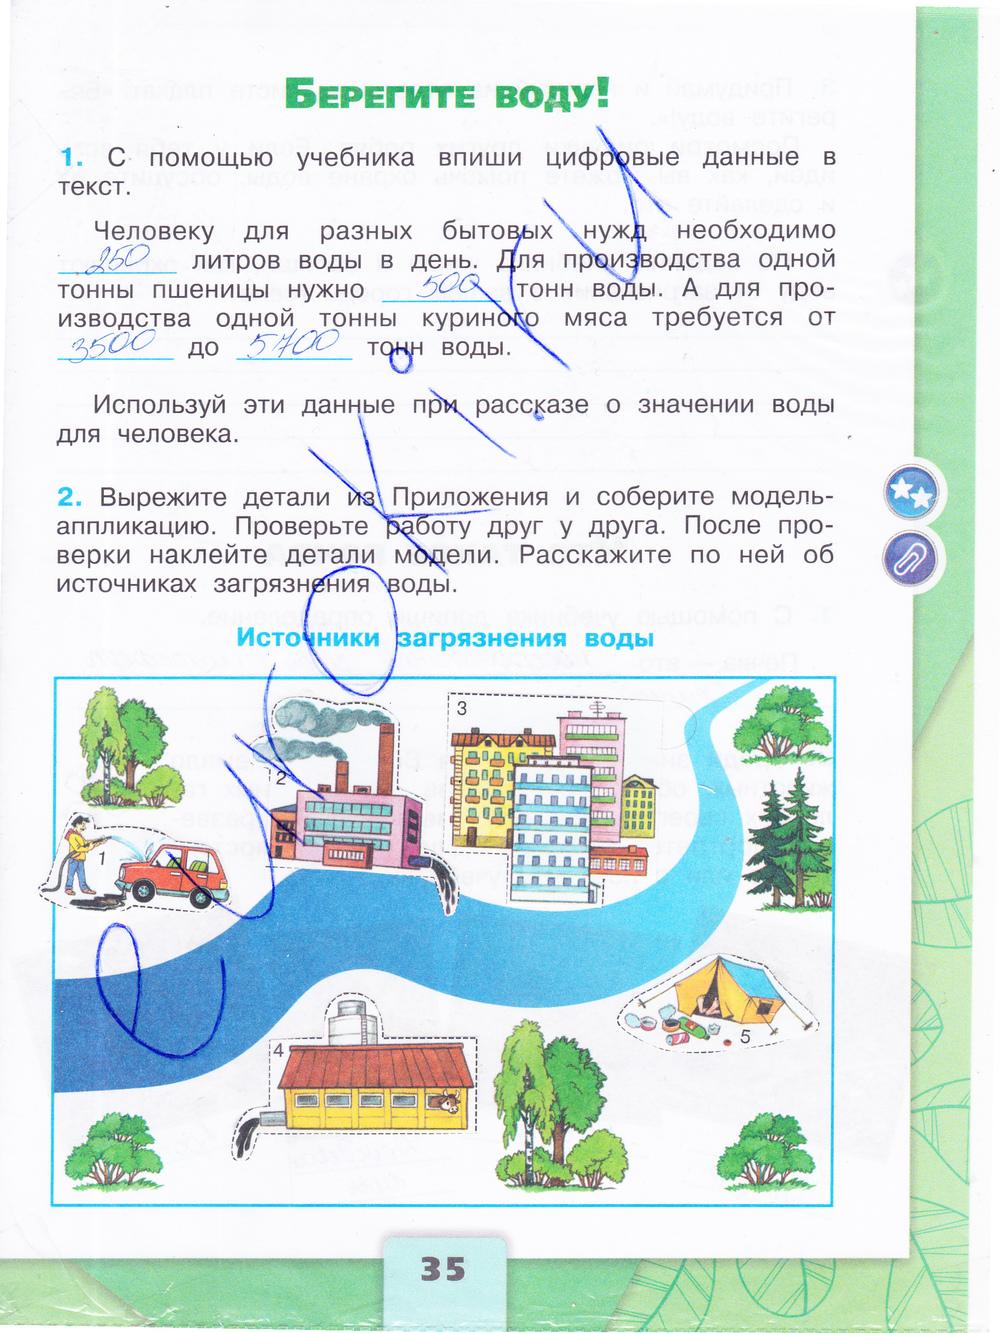 Домашние задание по окружающему миру рабочая тетрадь 2 класс по теме: родной город село